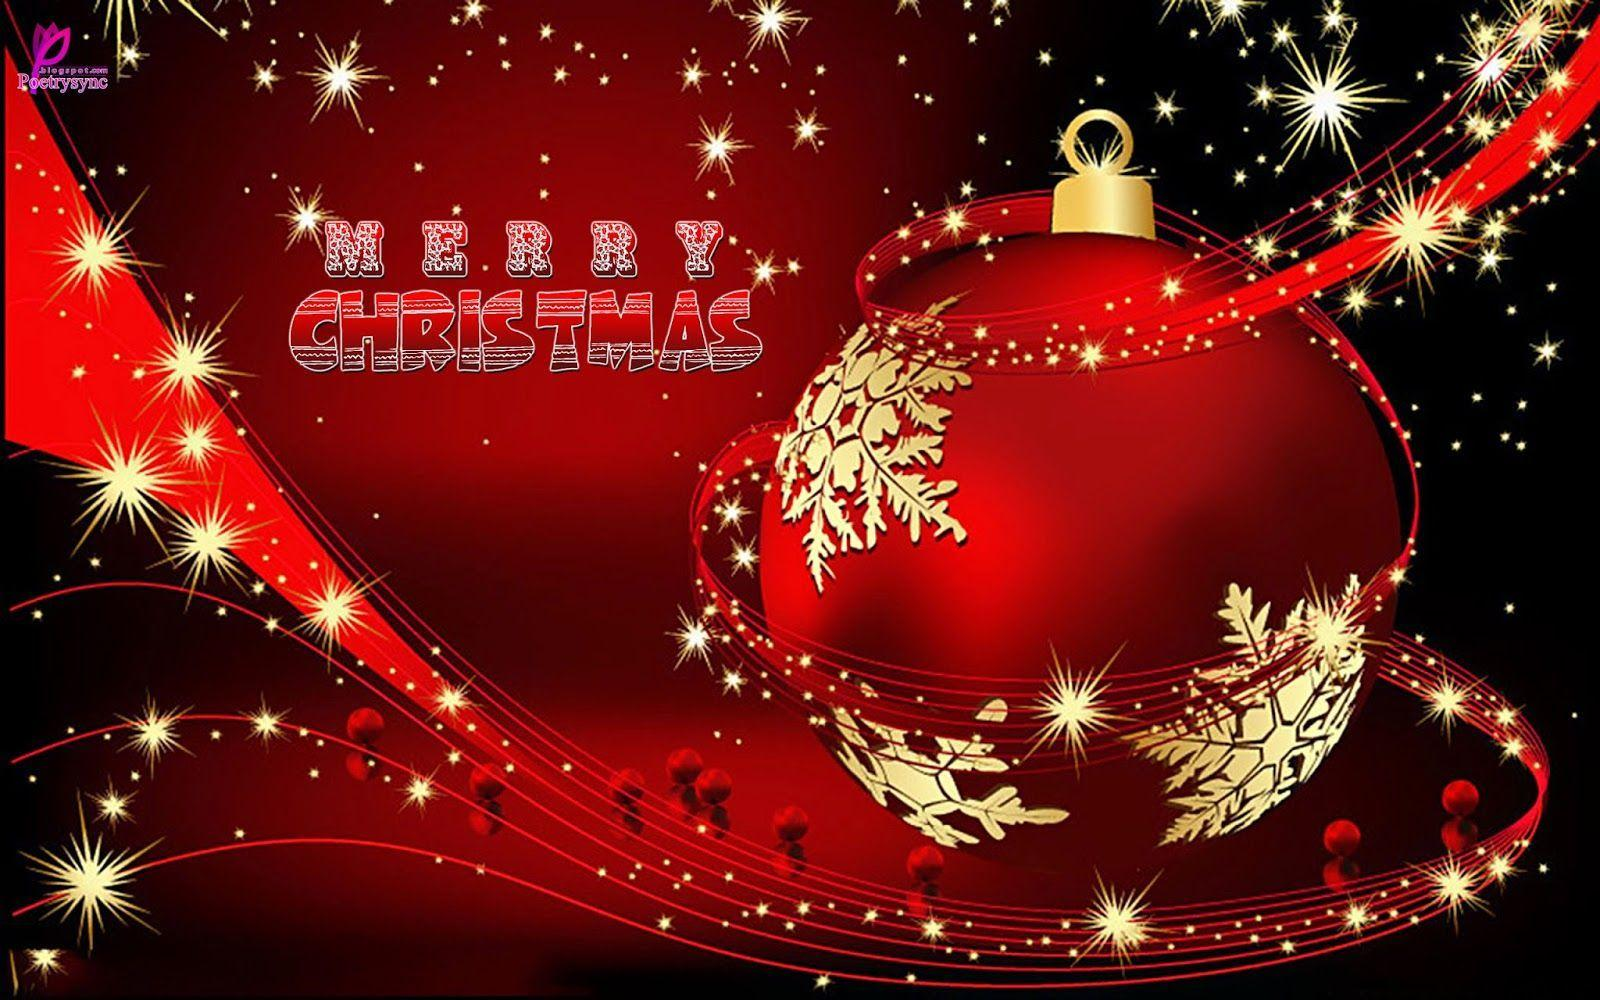 christmas wallpaper 19 facebook - photo #17